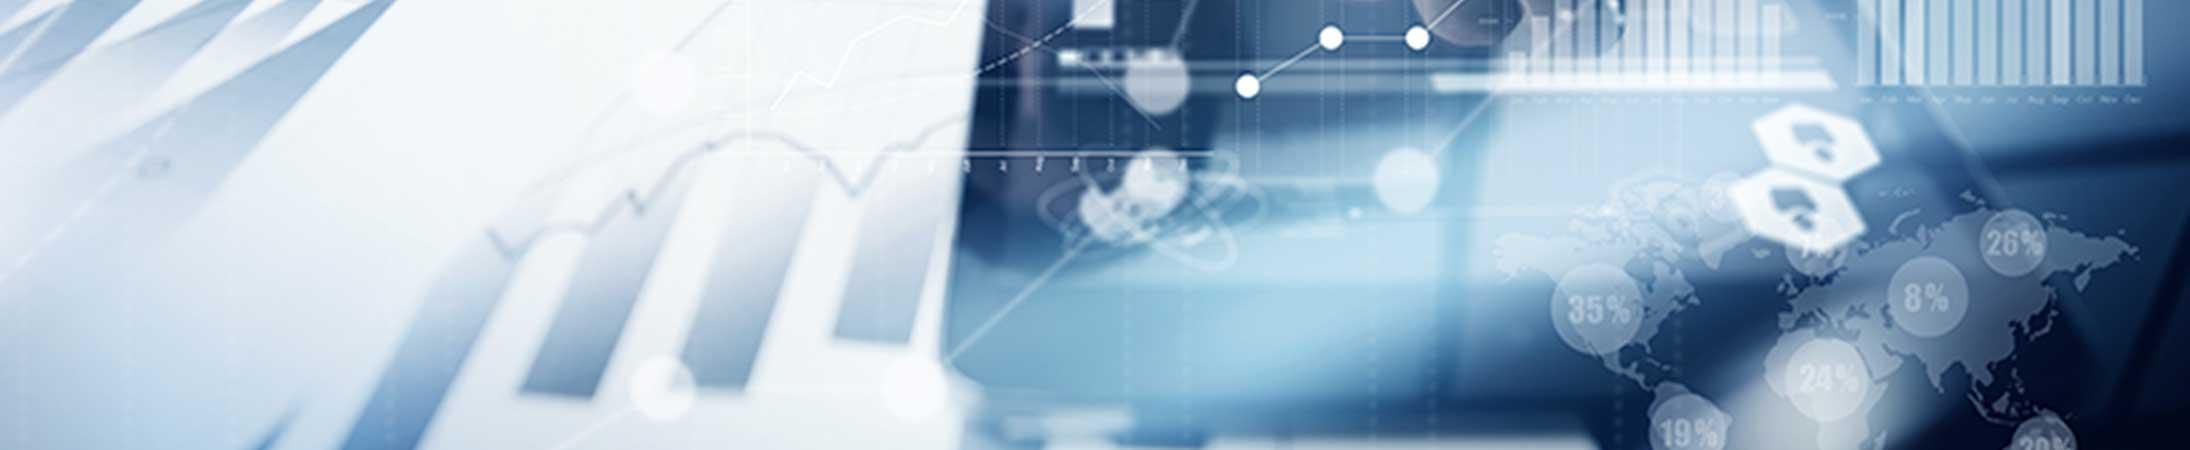 Transportprestaties verbeteren doet u met real time inzicht - fleet managment